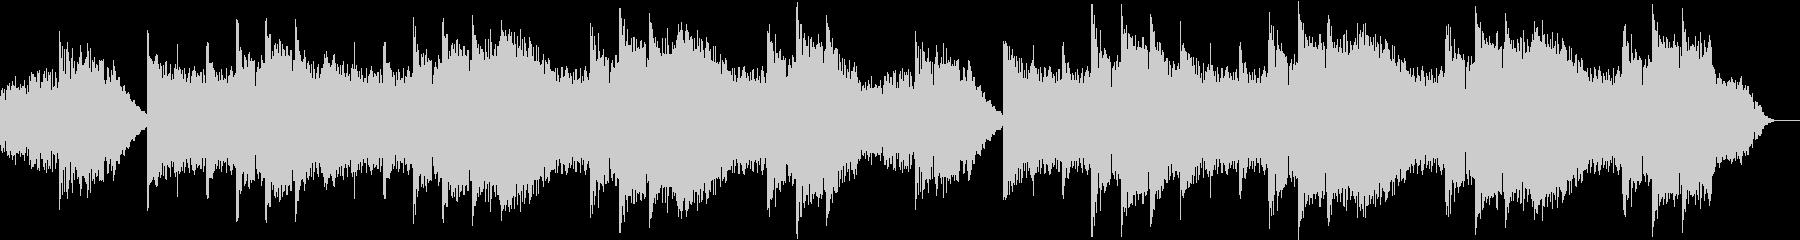 ヨガのBGMとして制作された安らぎ音楽の未再生の波形